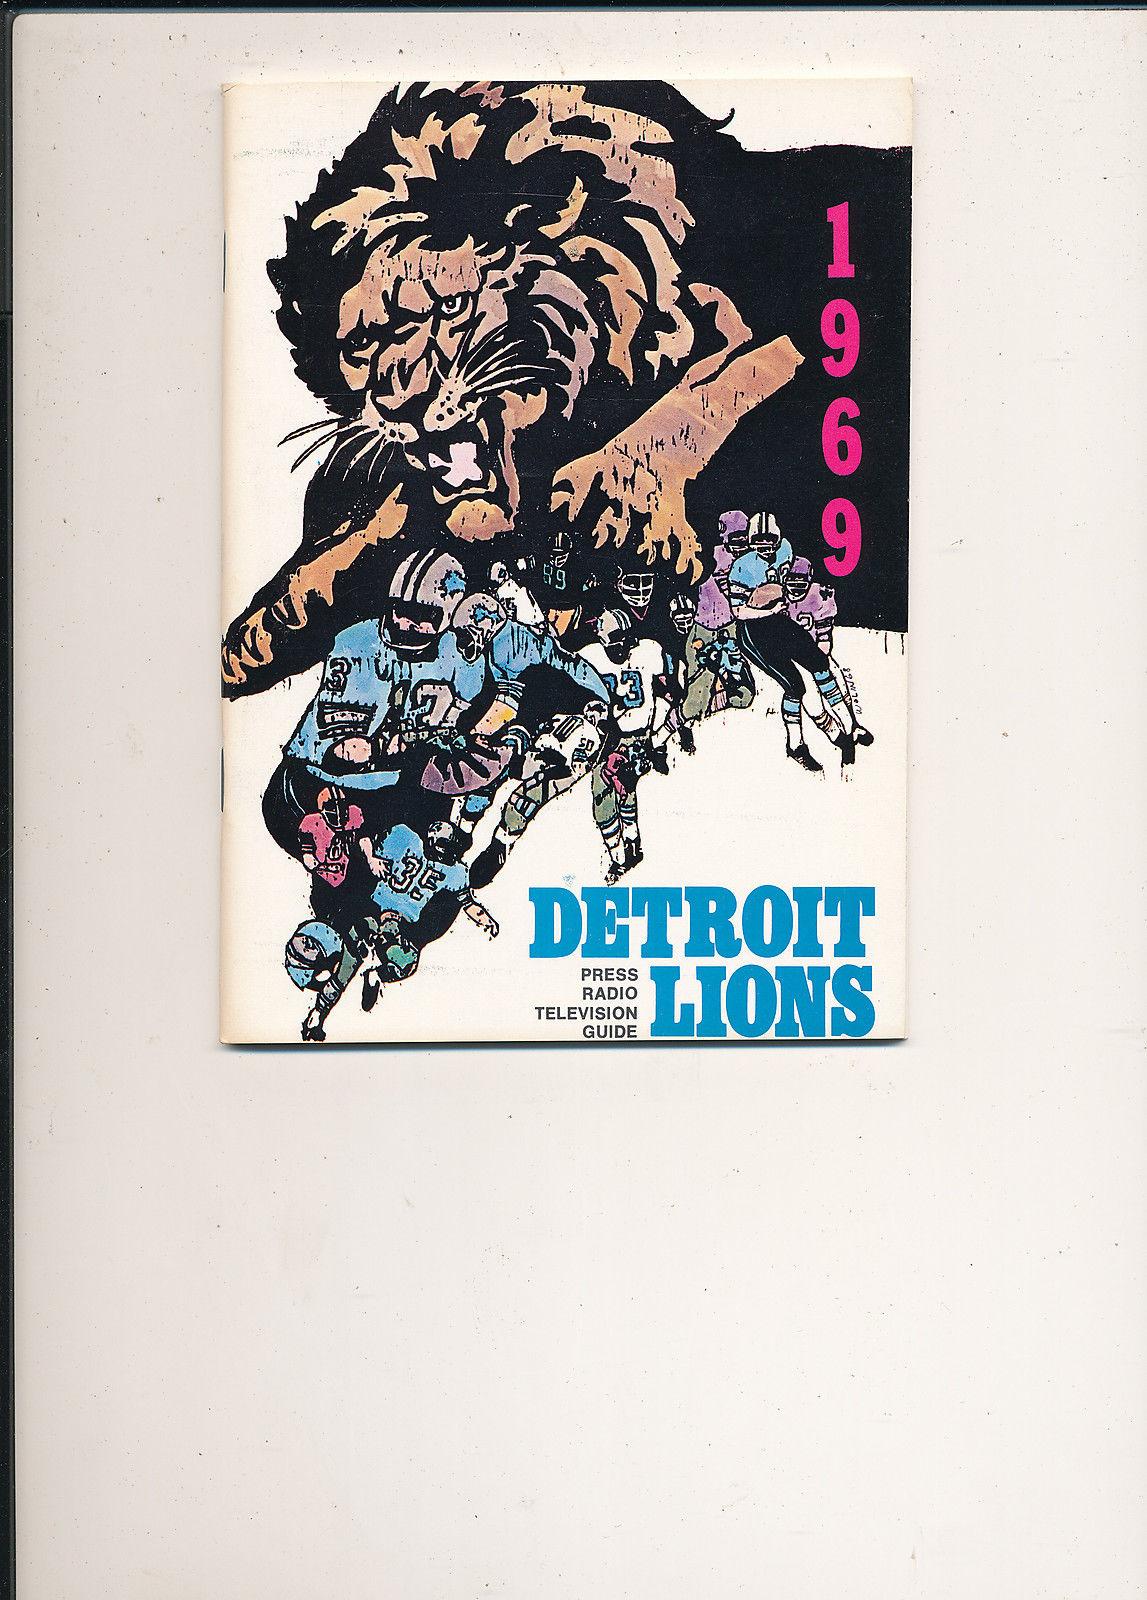 1969 Detroit Lions Press Guide